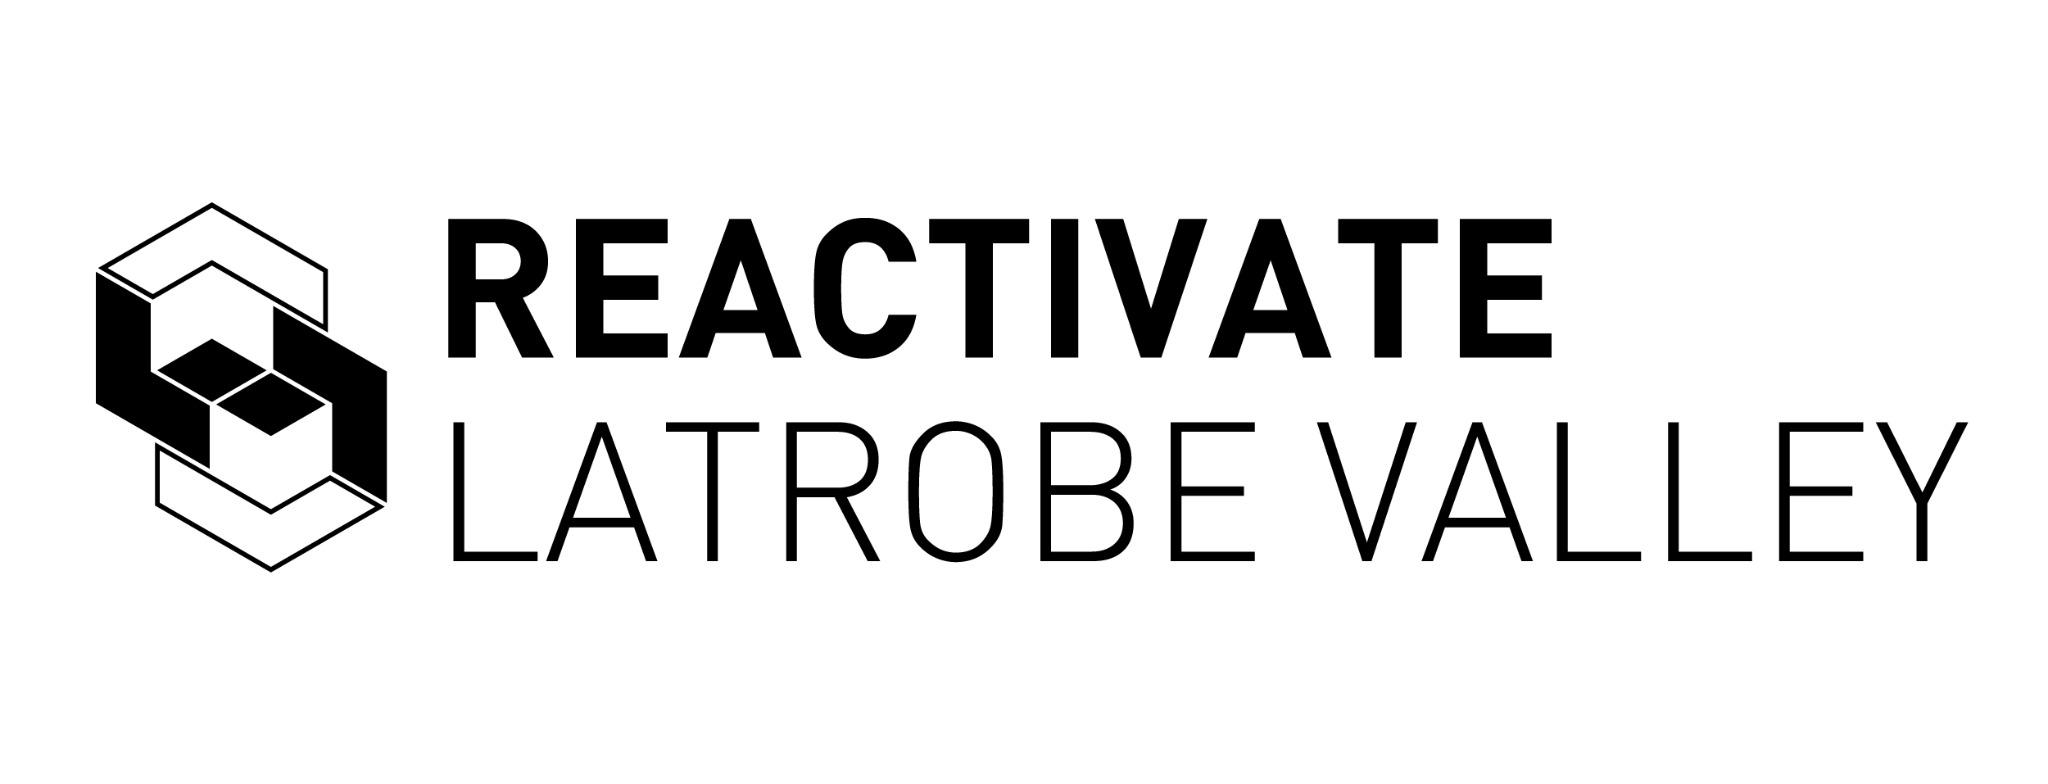 Reactivate Latrobe Valley